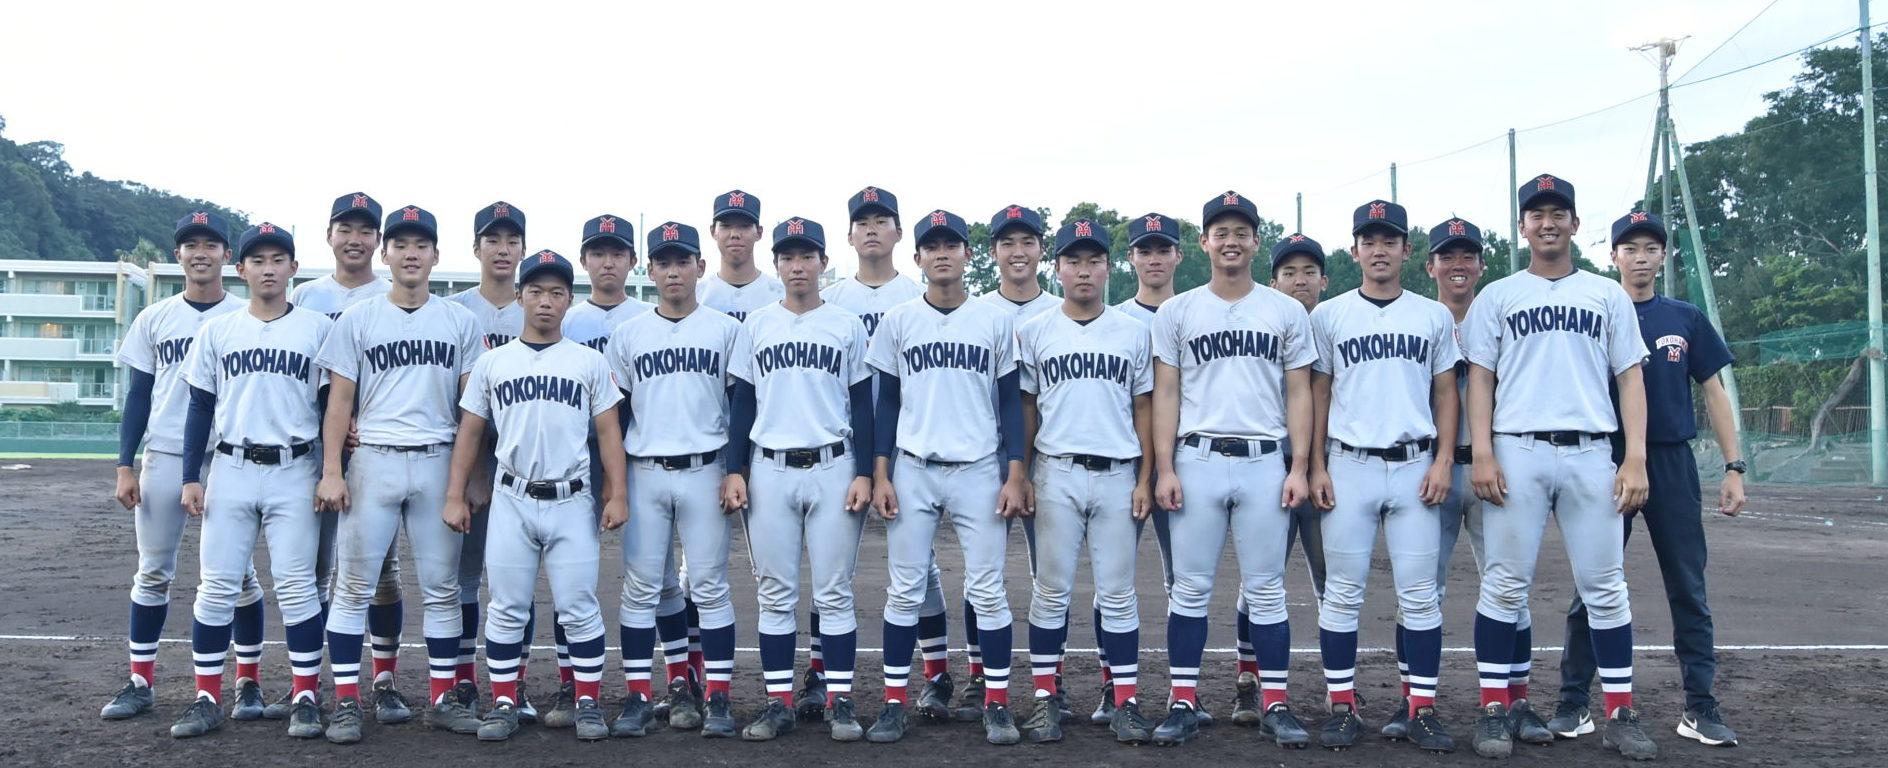 【横浜 野球部】「宿命」 #横浜高校